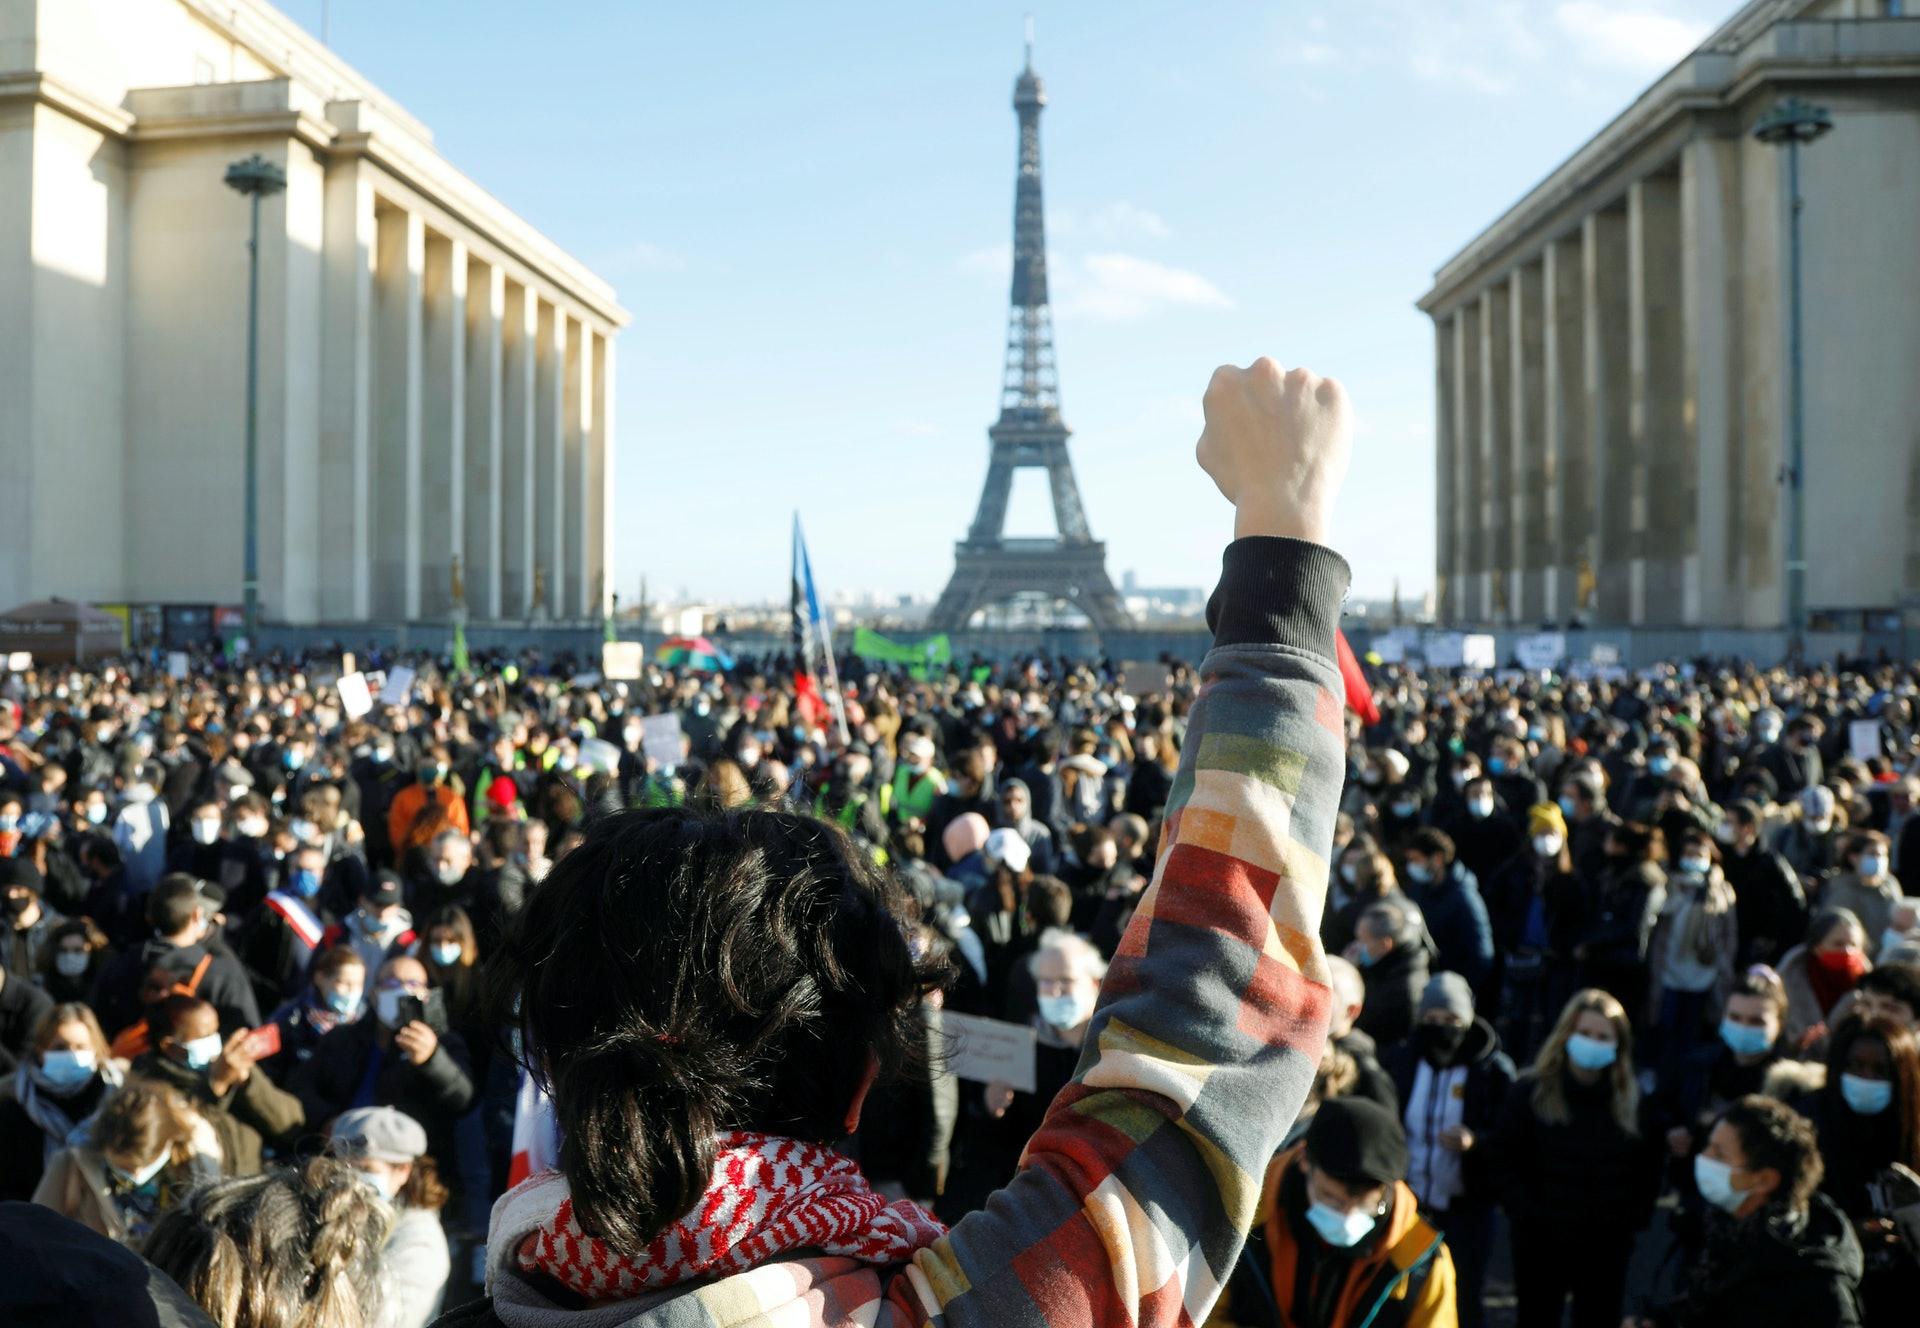 法國示威:圖為11月21日,巴黎特羅卡德羅廣場人山人海的情景。(Reuters)